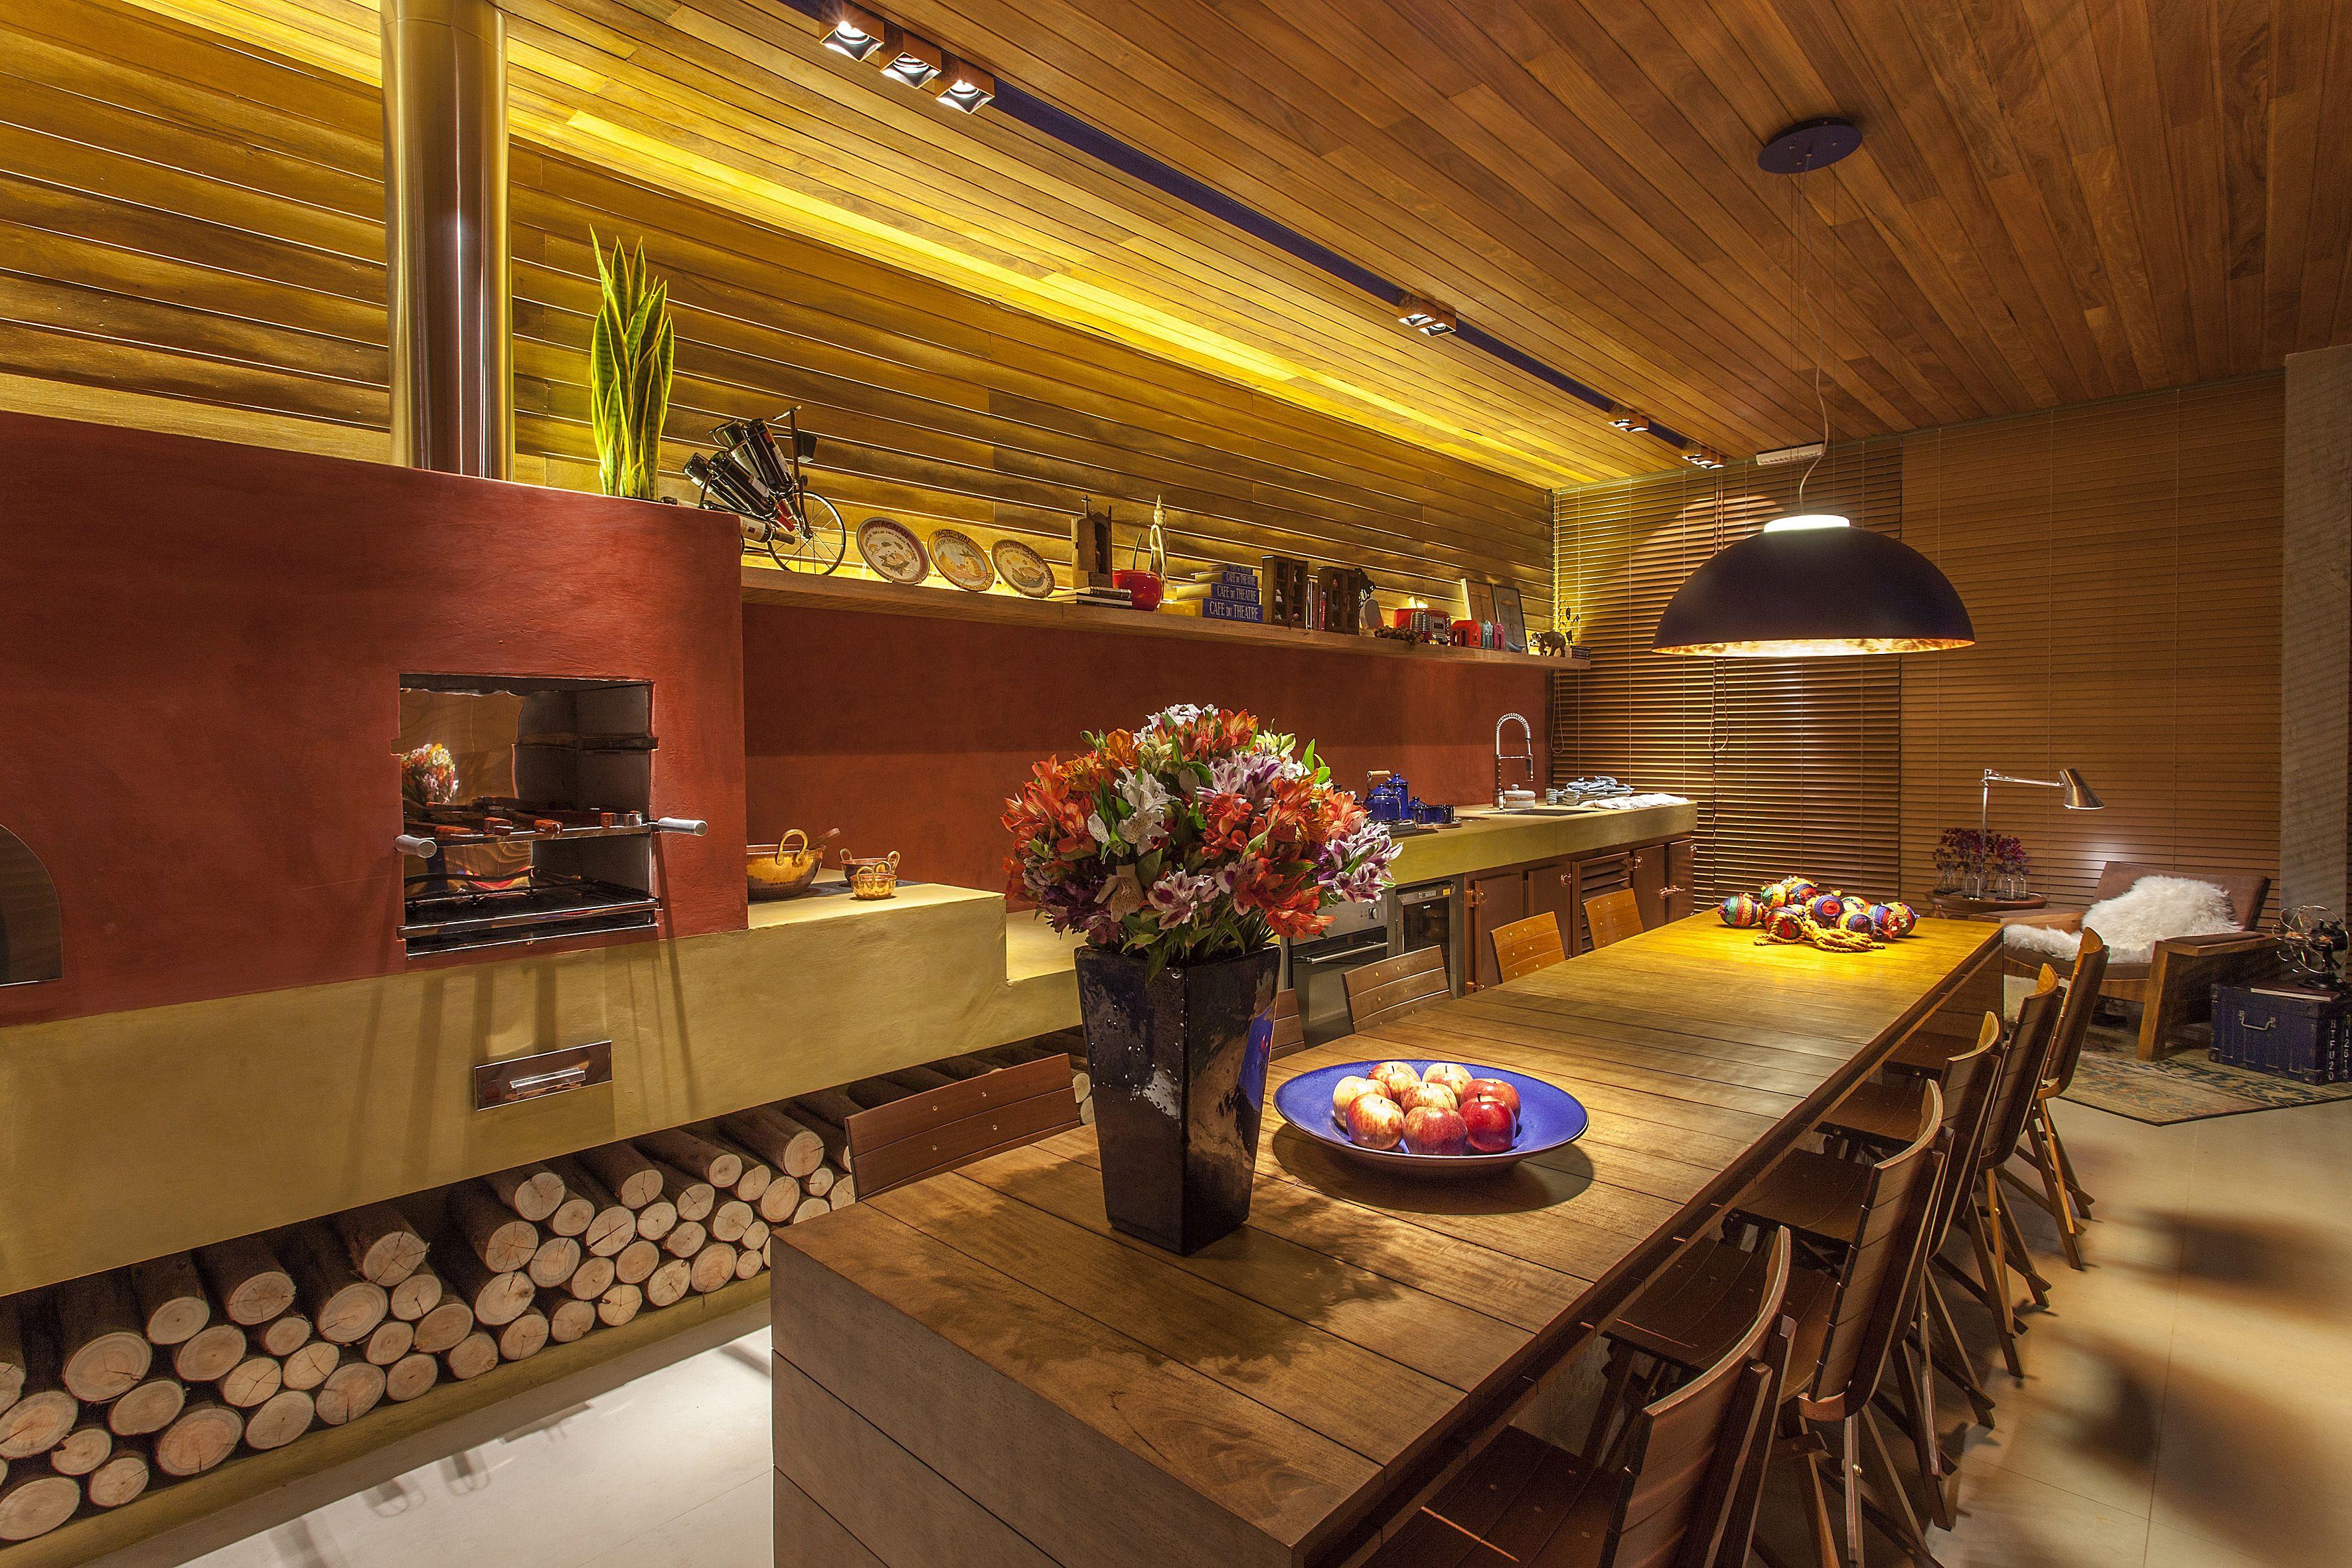 Varanda Gourmet Casa Com Fog O A Lenha Pesquisa Google Decor  ~ Fogao A Lenha Cozinha Moderna